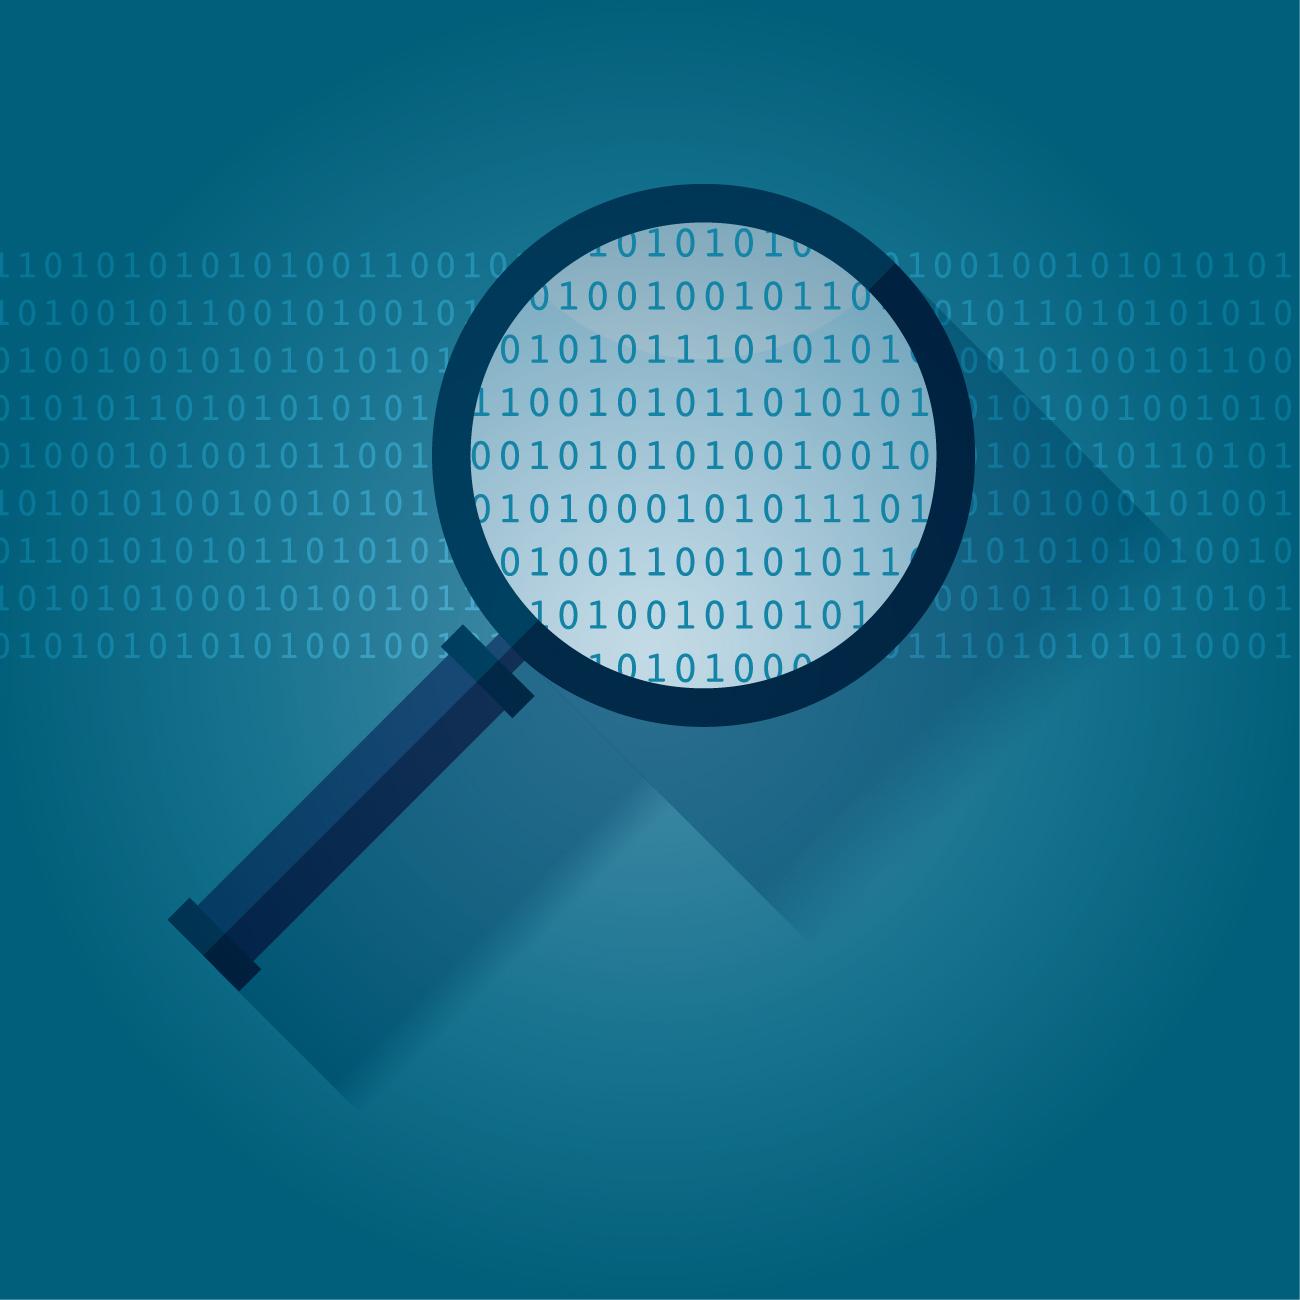 مقاله مهندسی معکوس نرم افزار (Ollydbg)